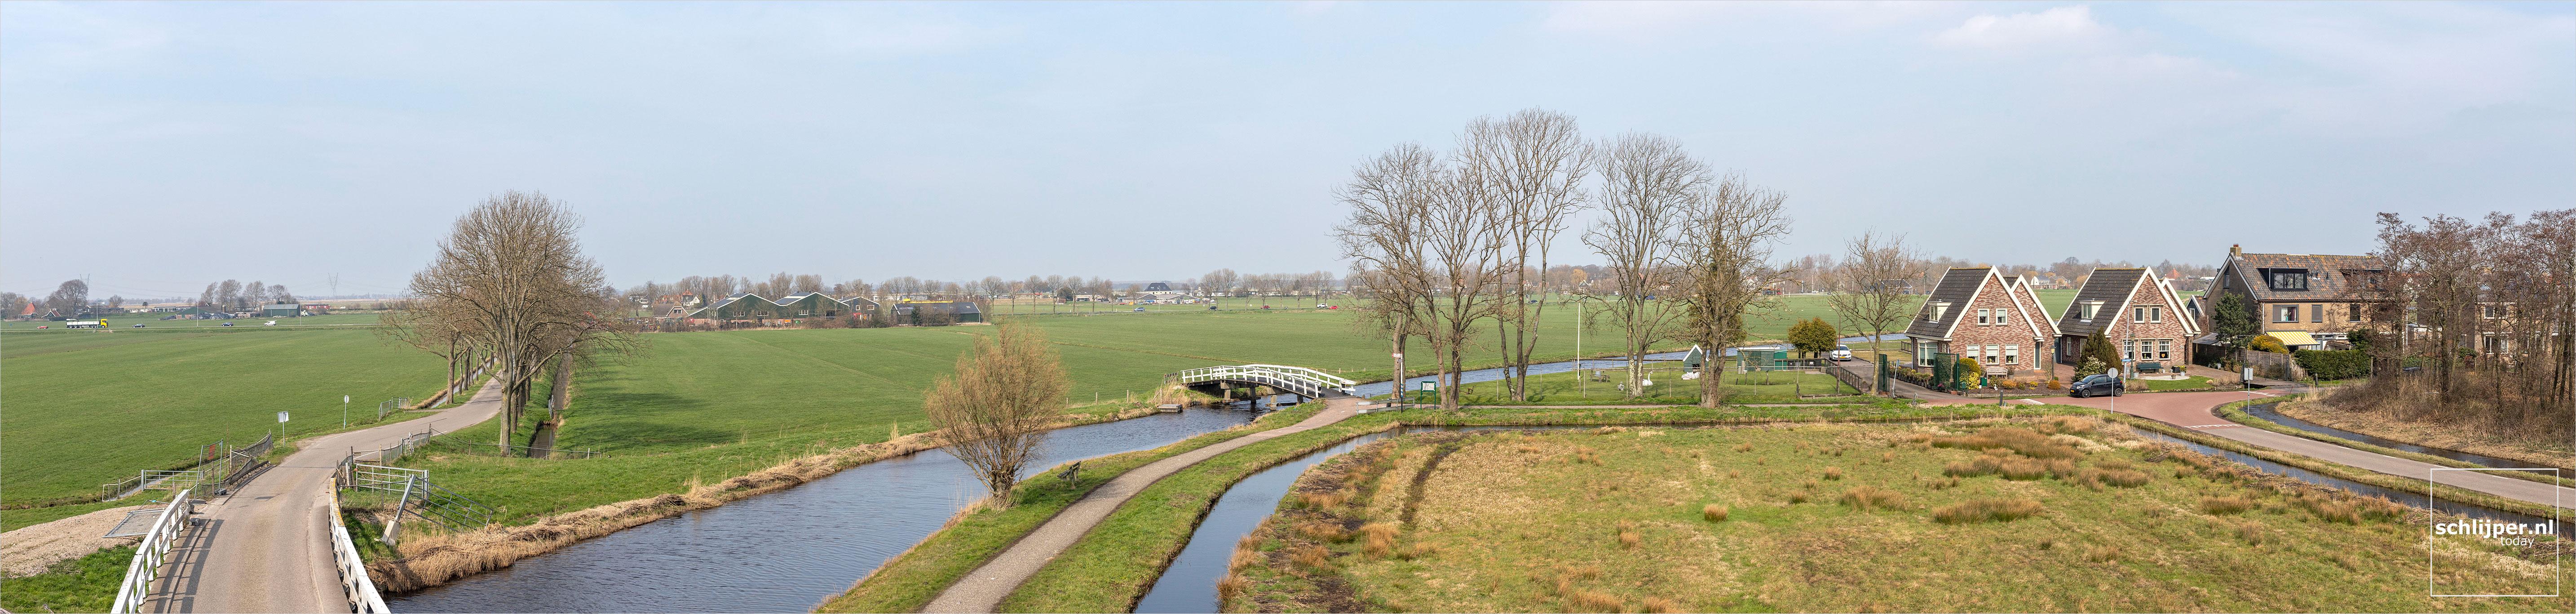 The Netherlands, Broek in Waterland, 24 maart 2021